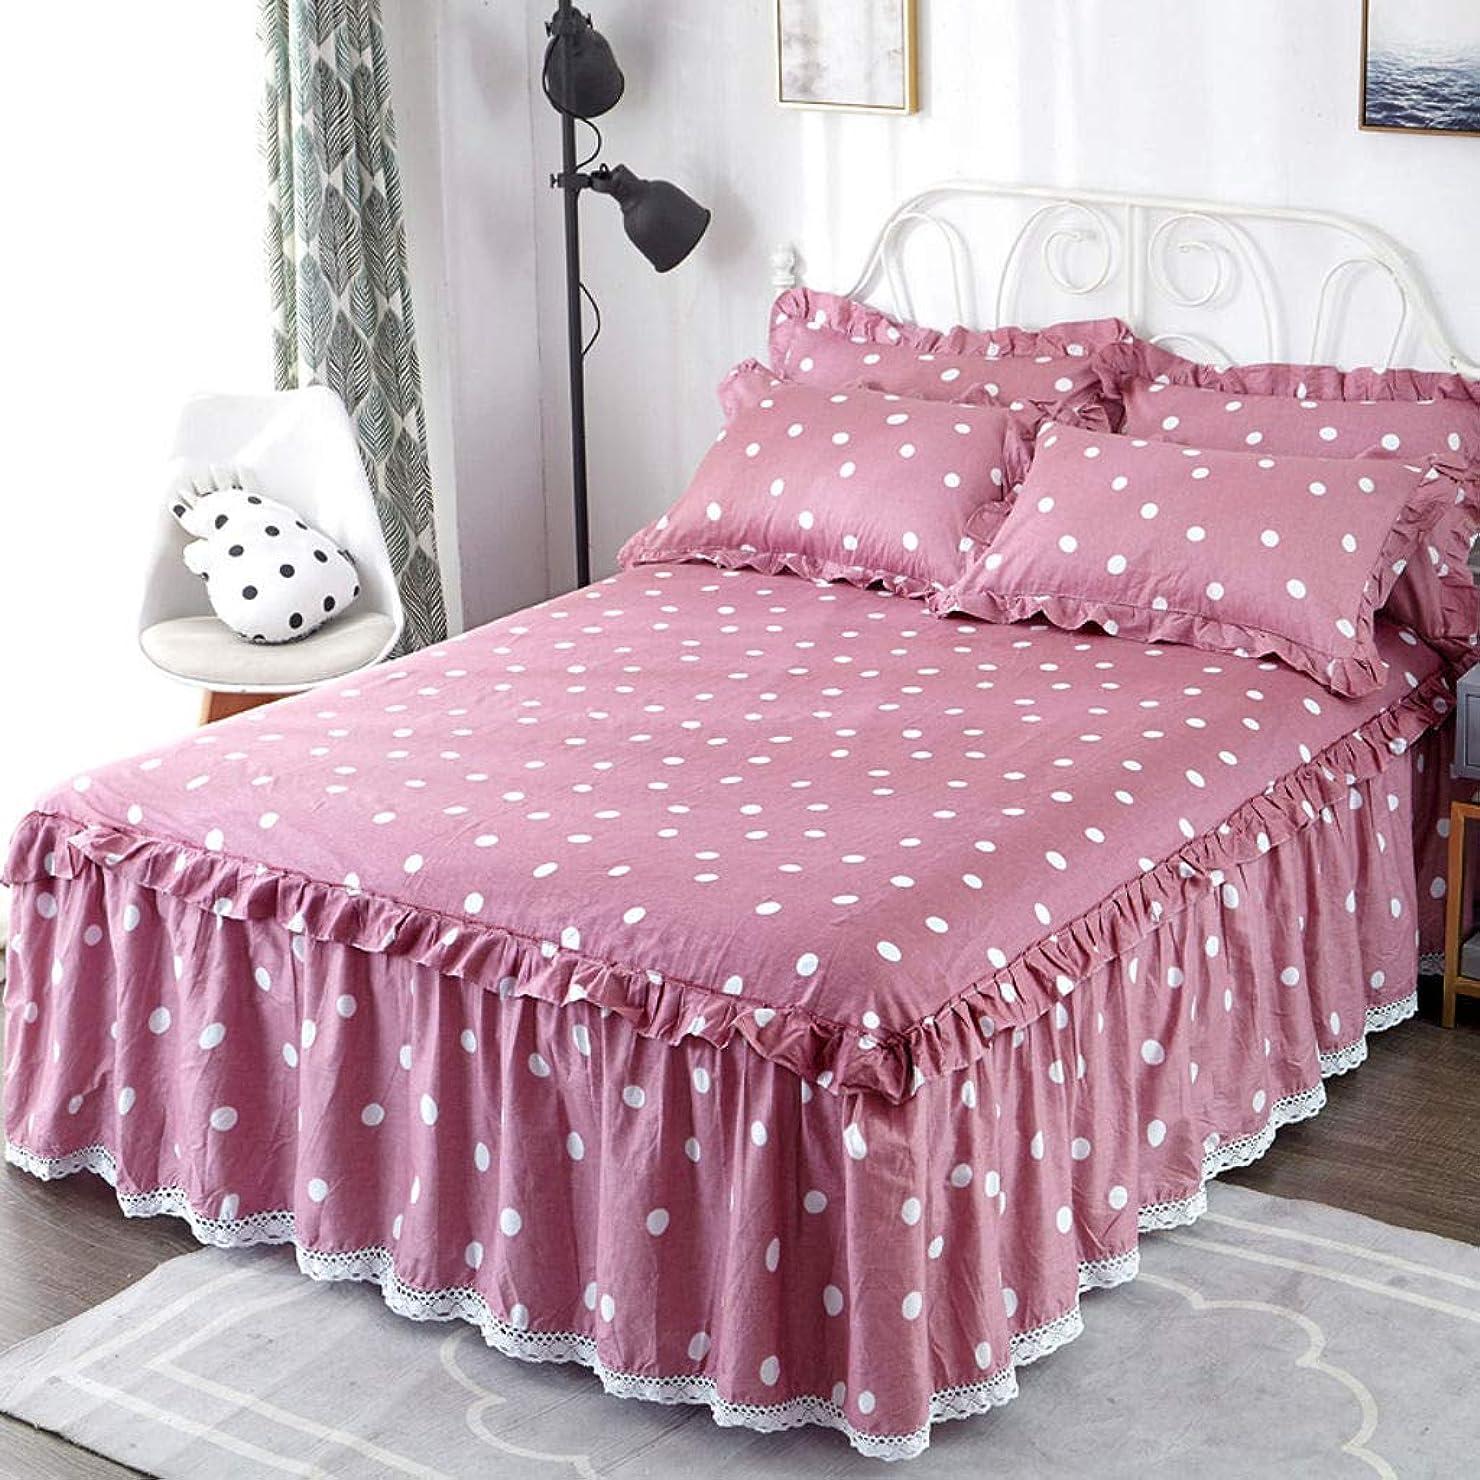 ぼんやりしたホストもっと少なくコットン ベッド スカート,ベッドスプレッド 女王 の の キング ほこり フリル ベッド スカートなし-スリップ ウルトラ-柔らかい プリーツ ドロップ-G-180×200センチメートル(71×79で)